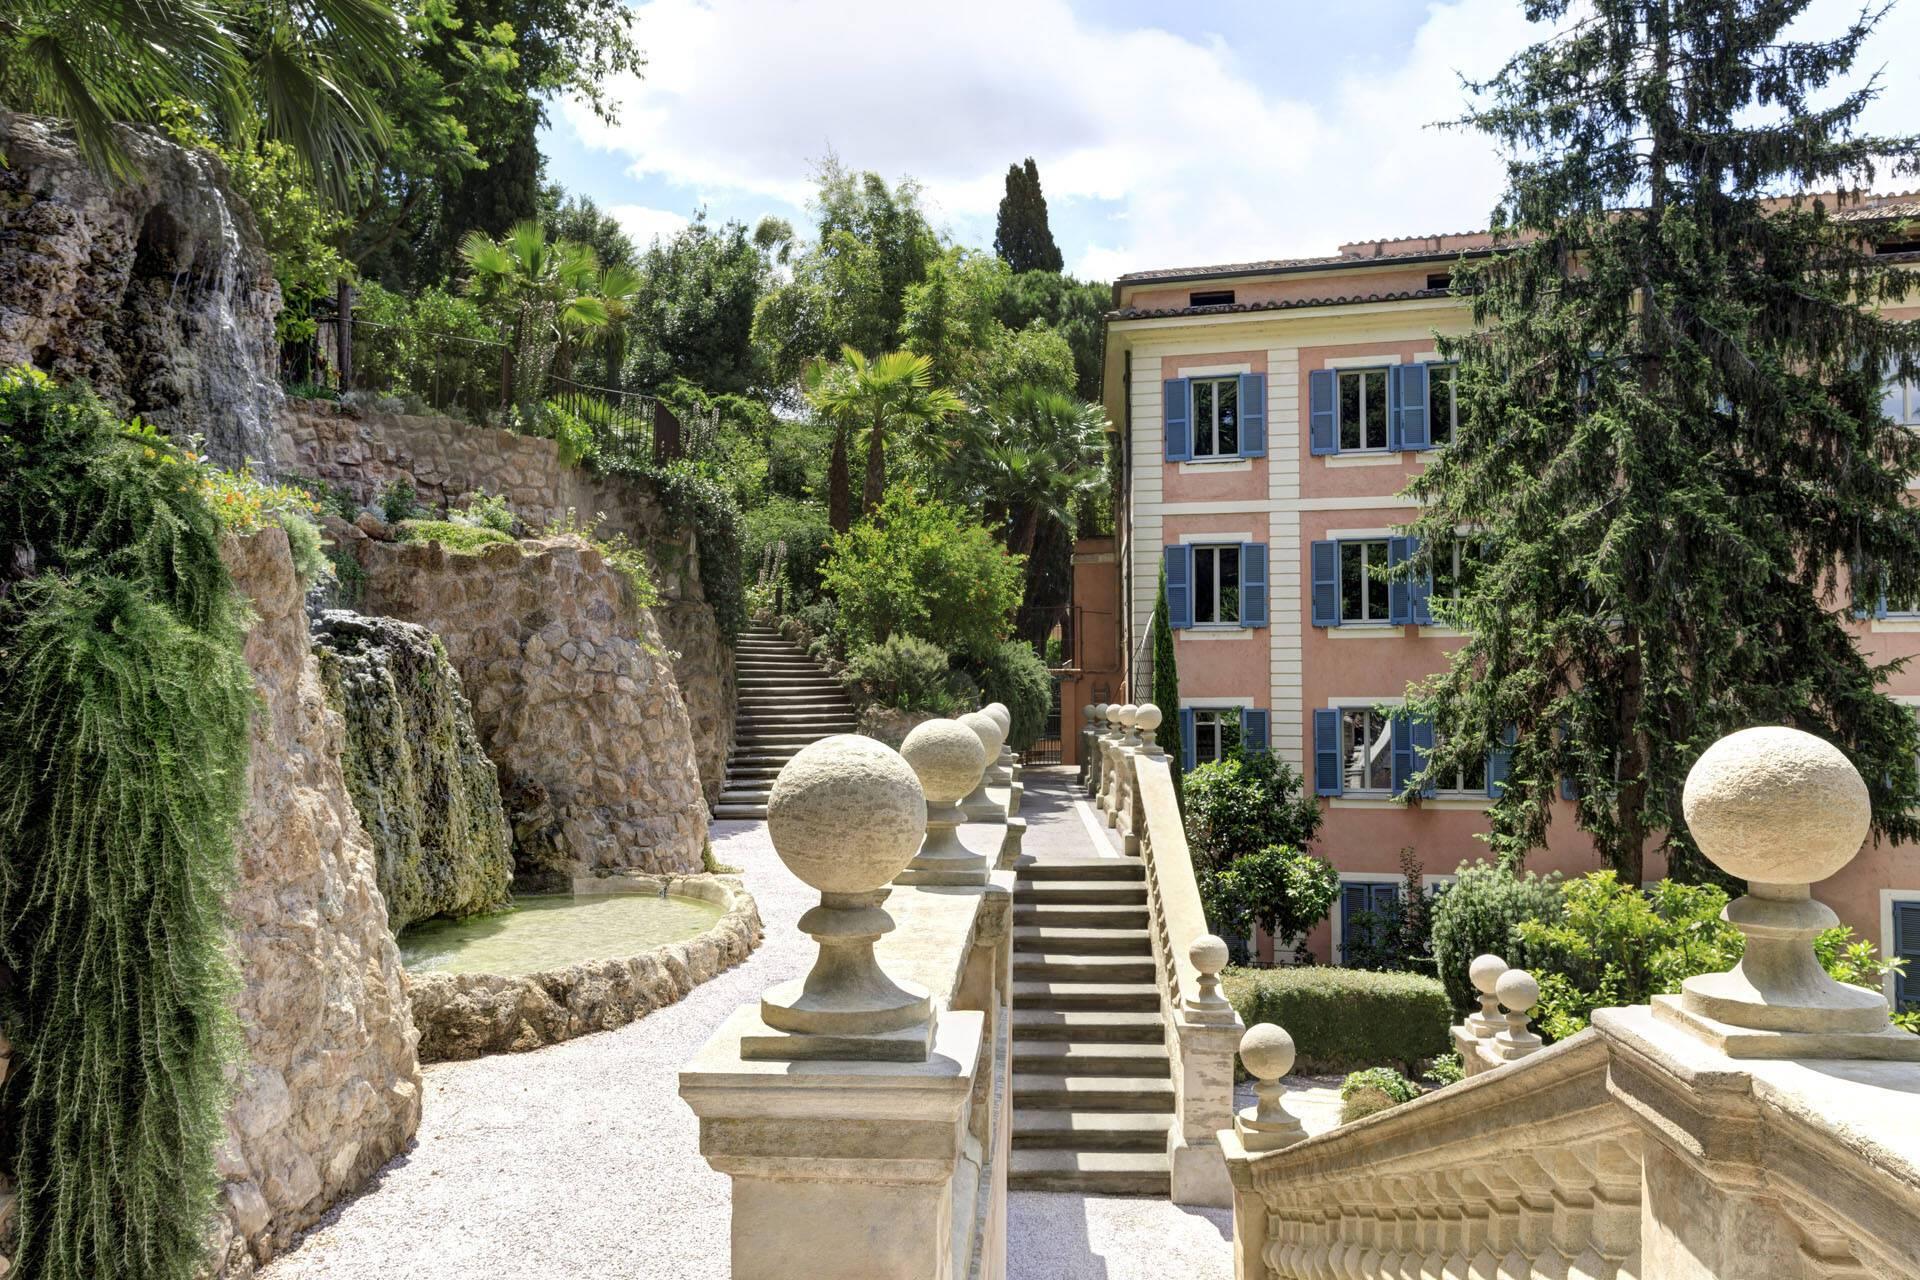 Hotel de Russie Rome Jardins